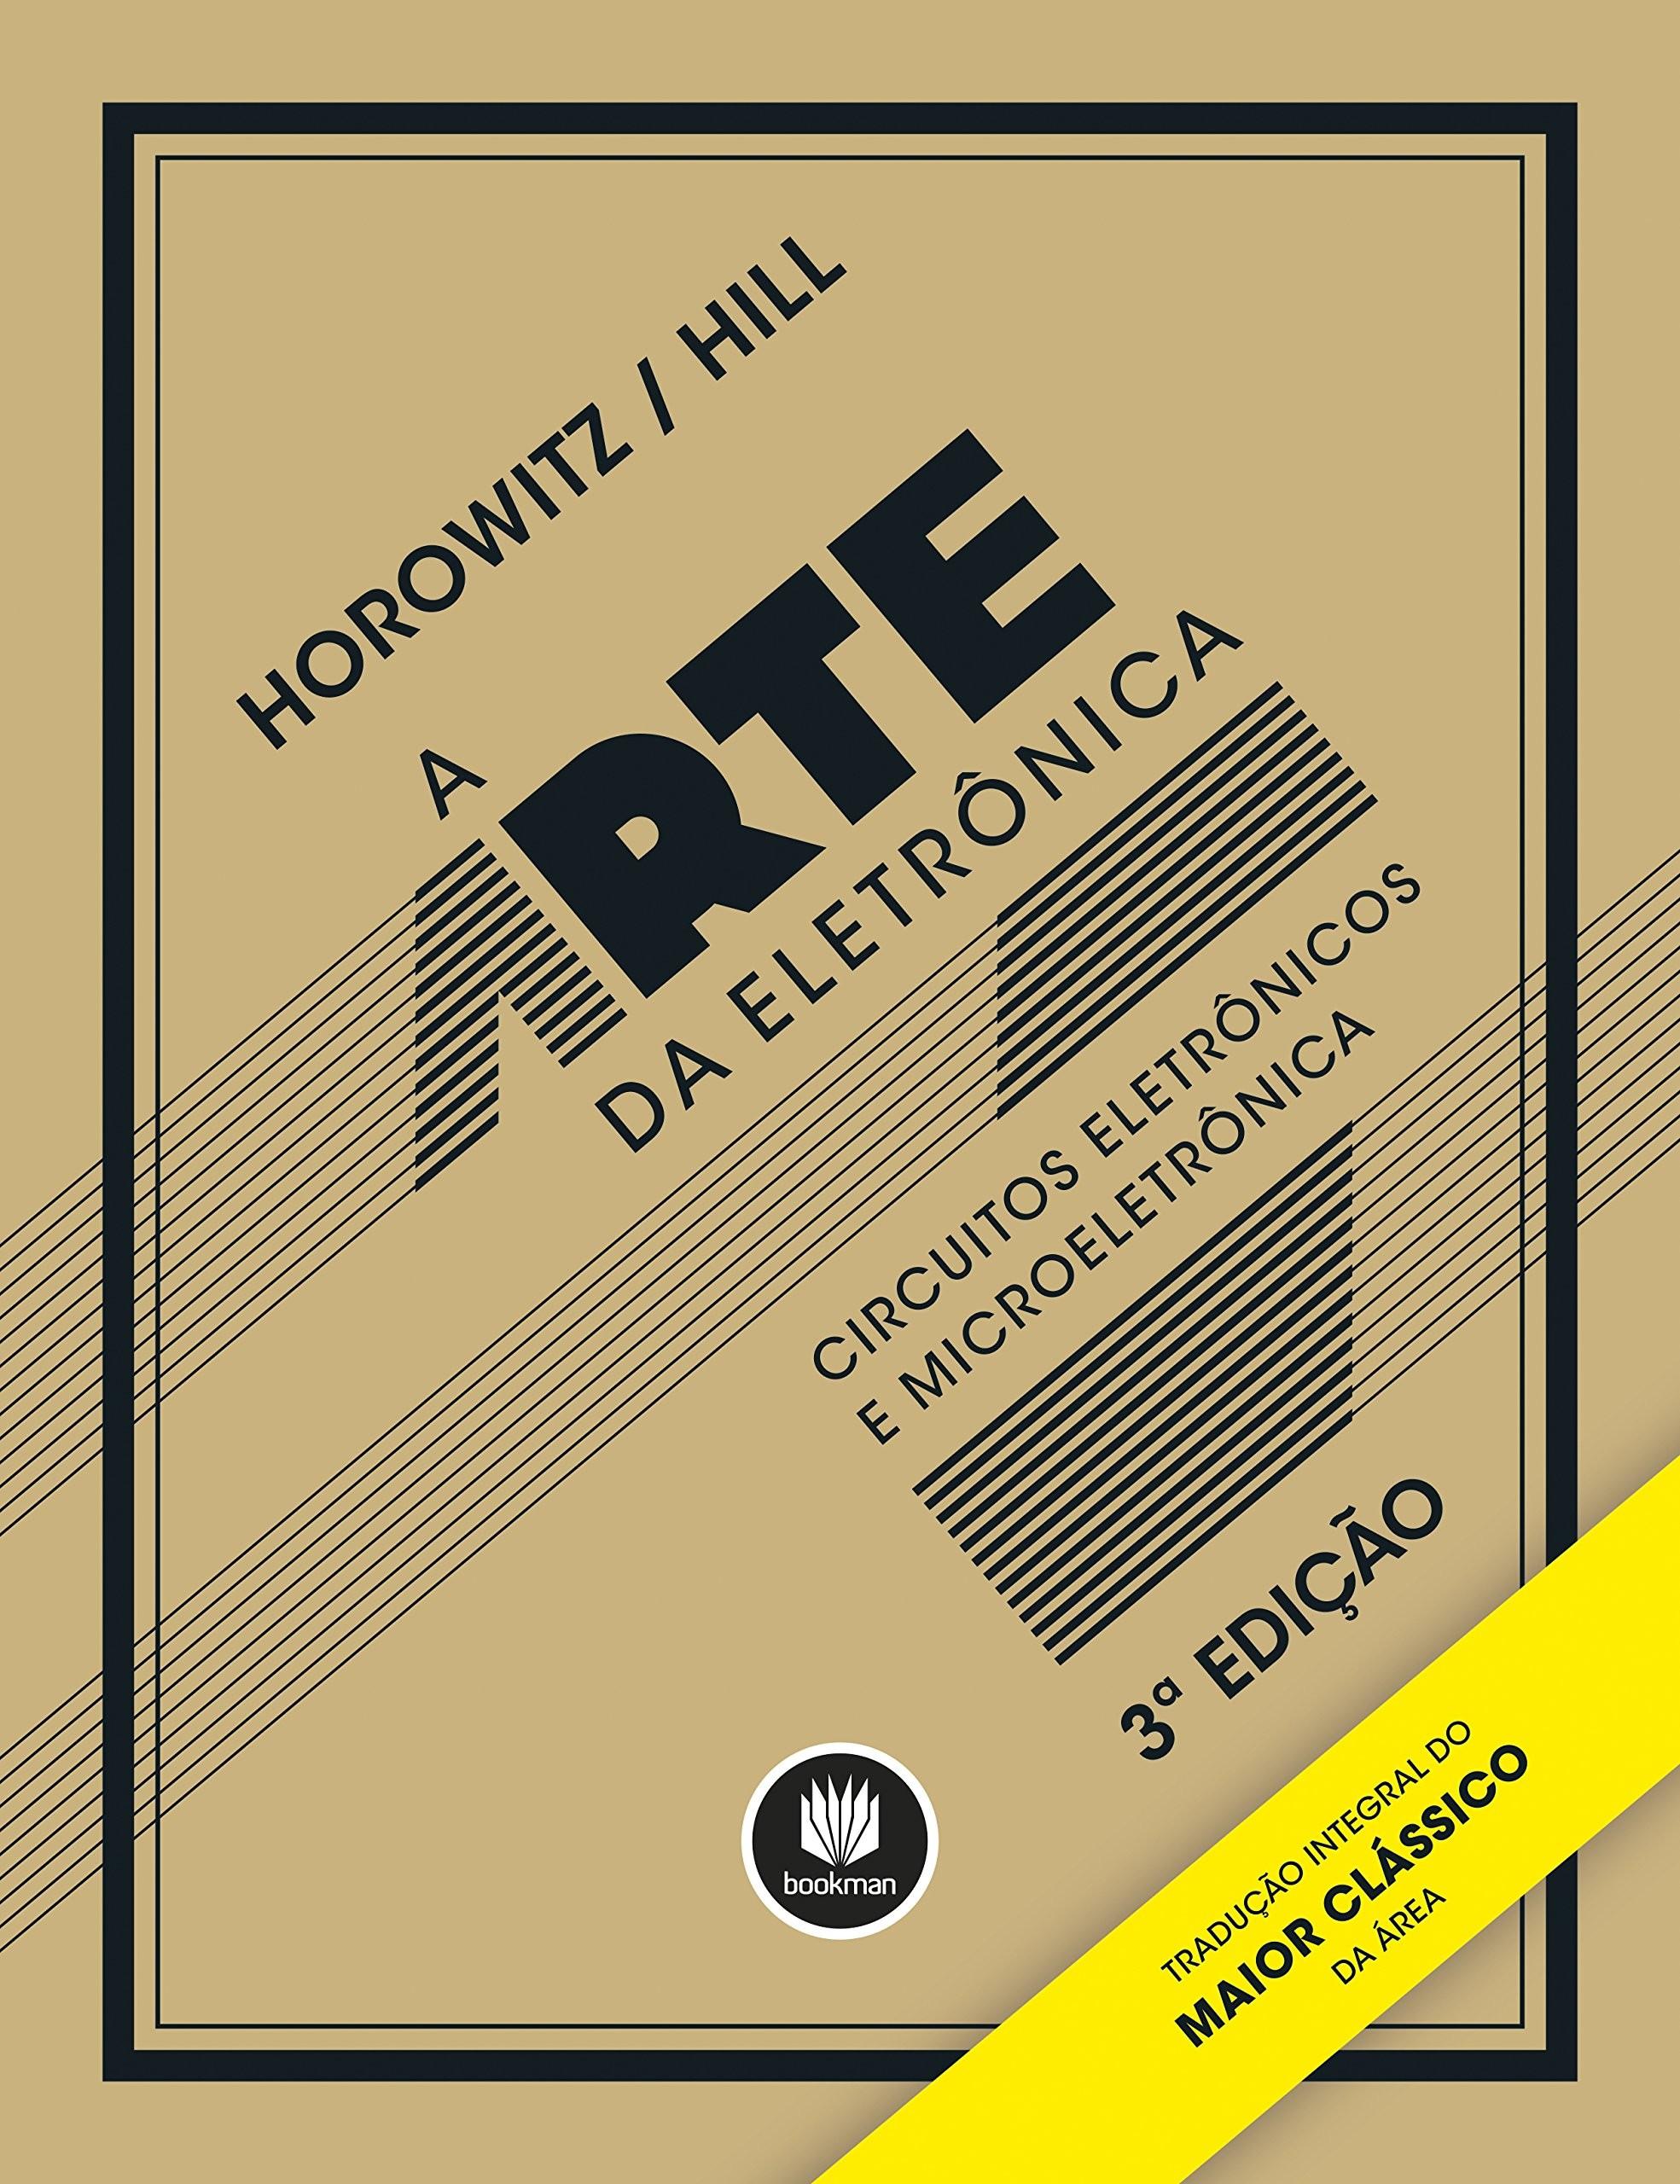 Circuito Eletronica : Livro arte da eletrônica a circuitos eletrônicos e microeletrônica